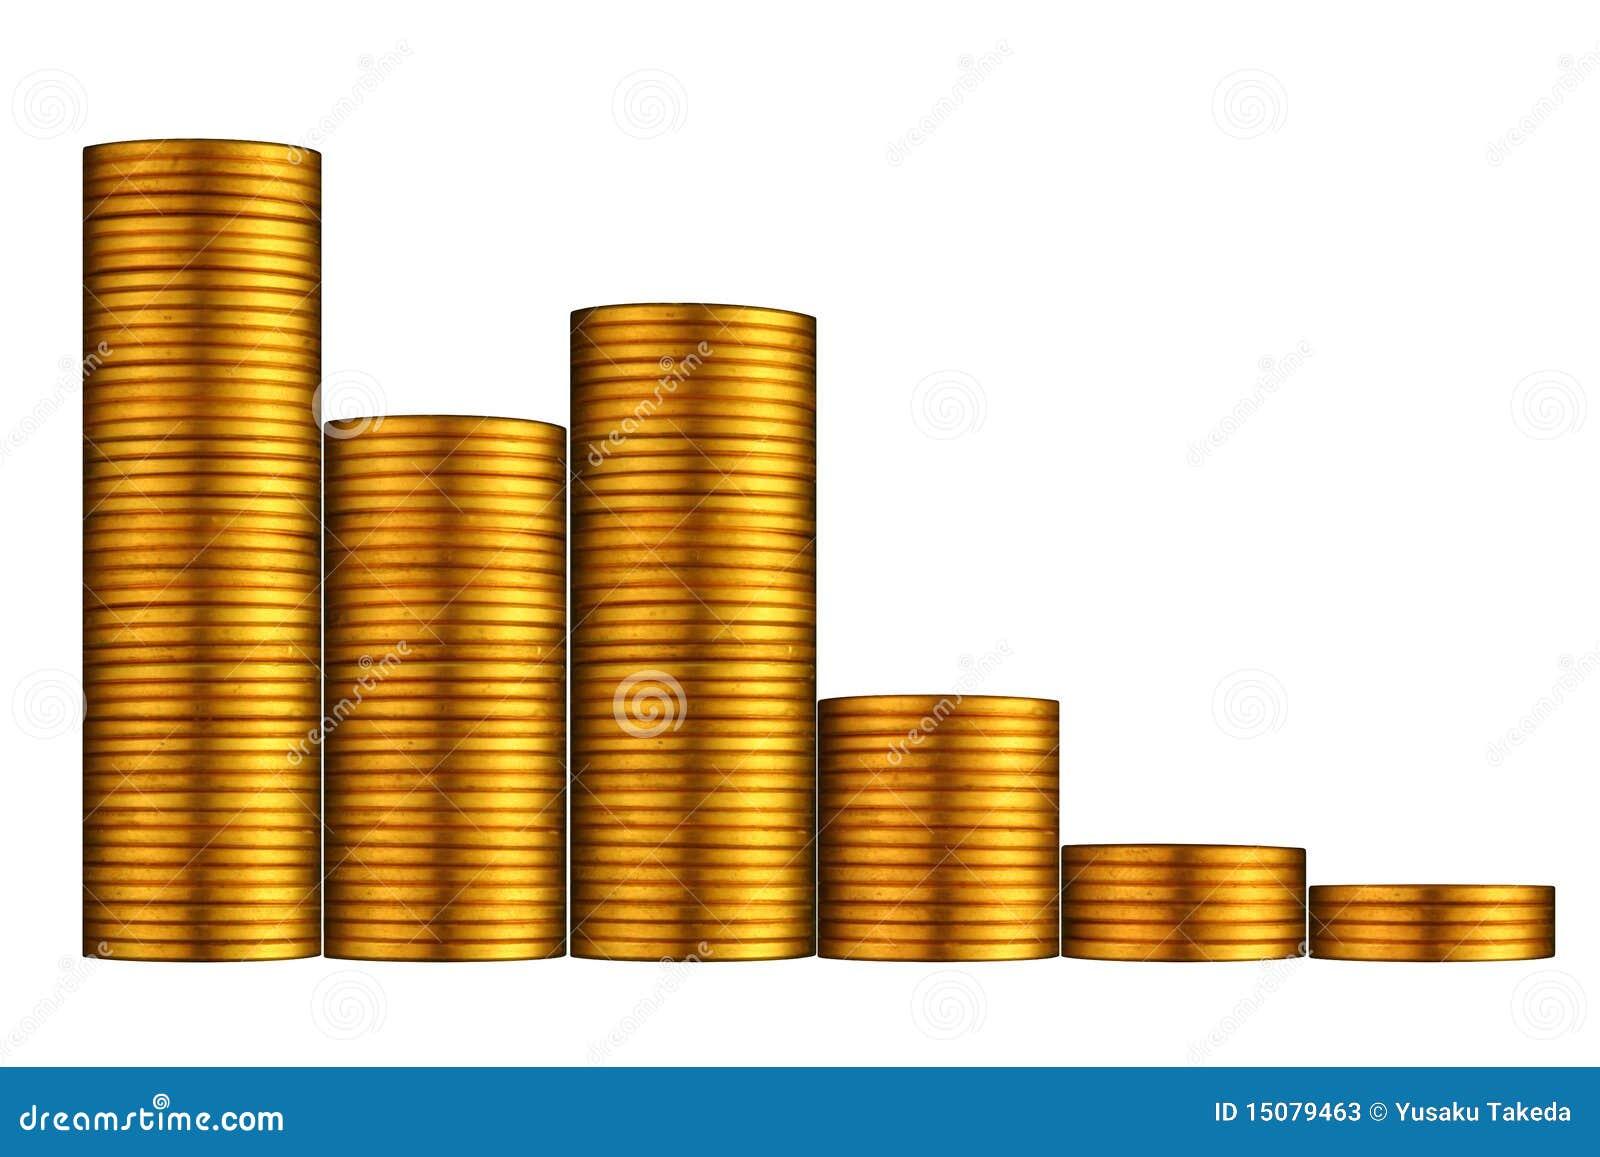 Gráfico da moeda de ouro.